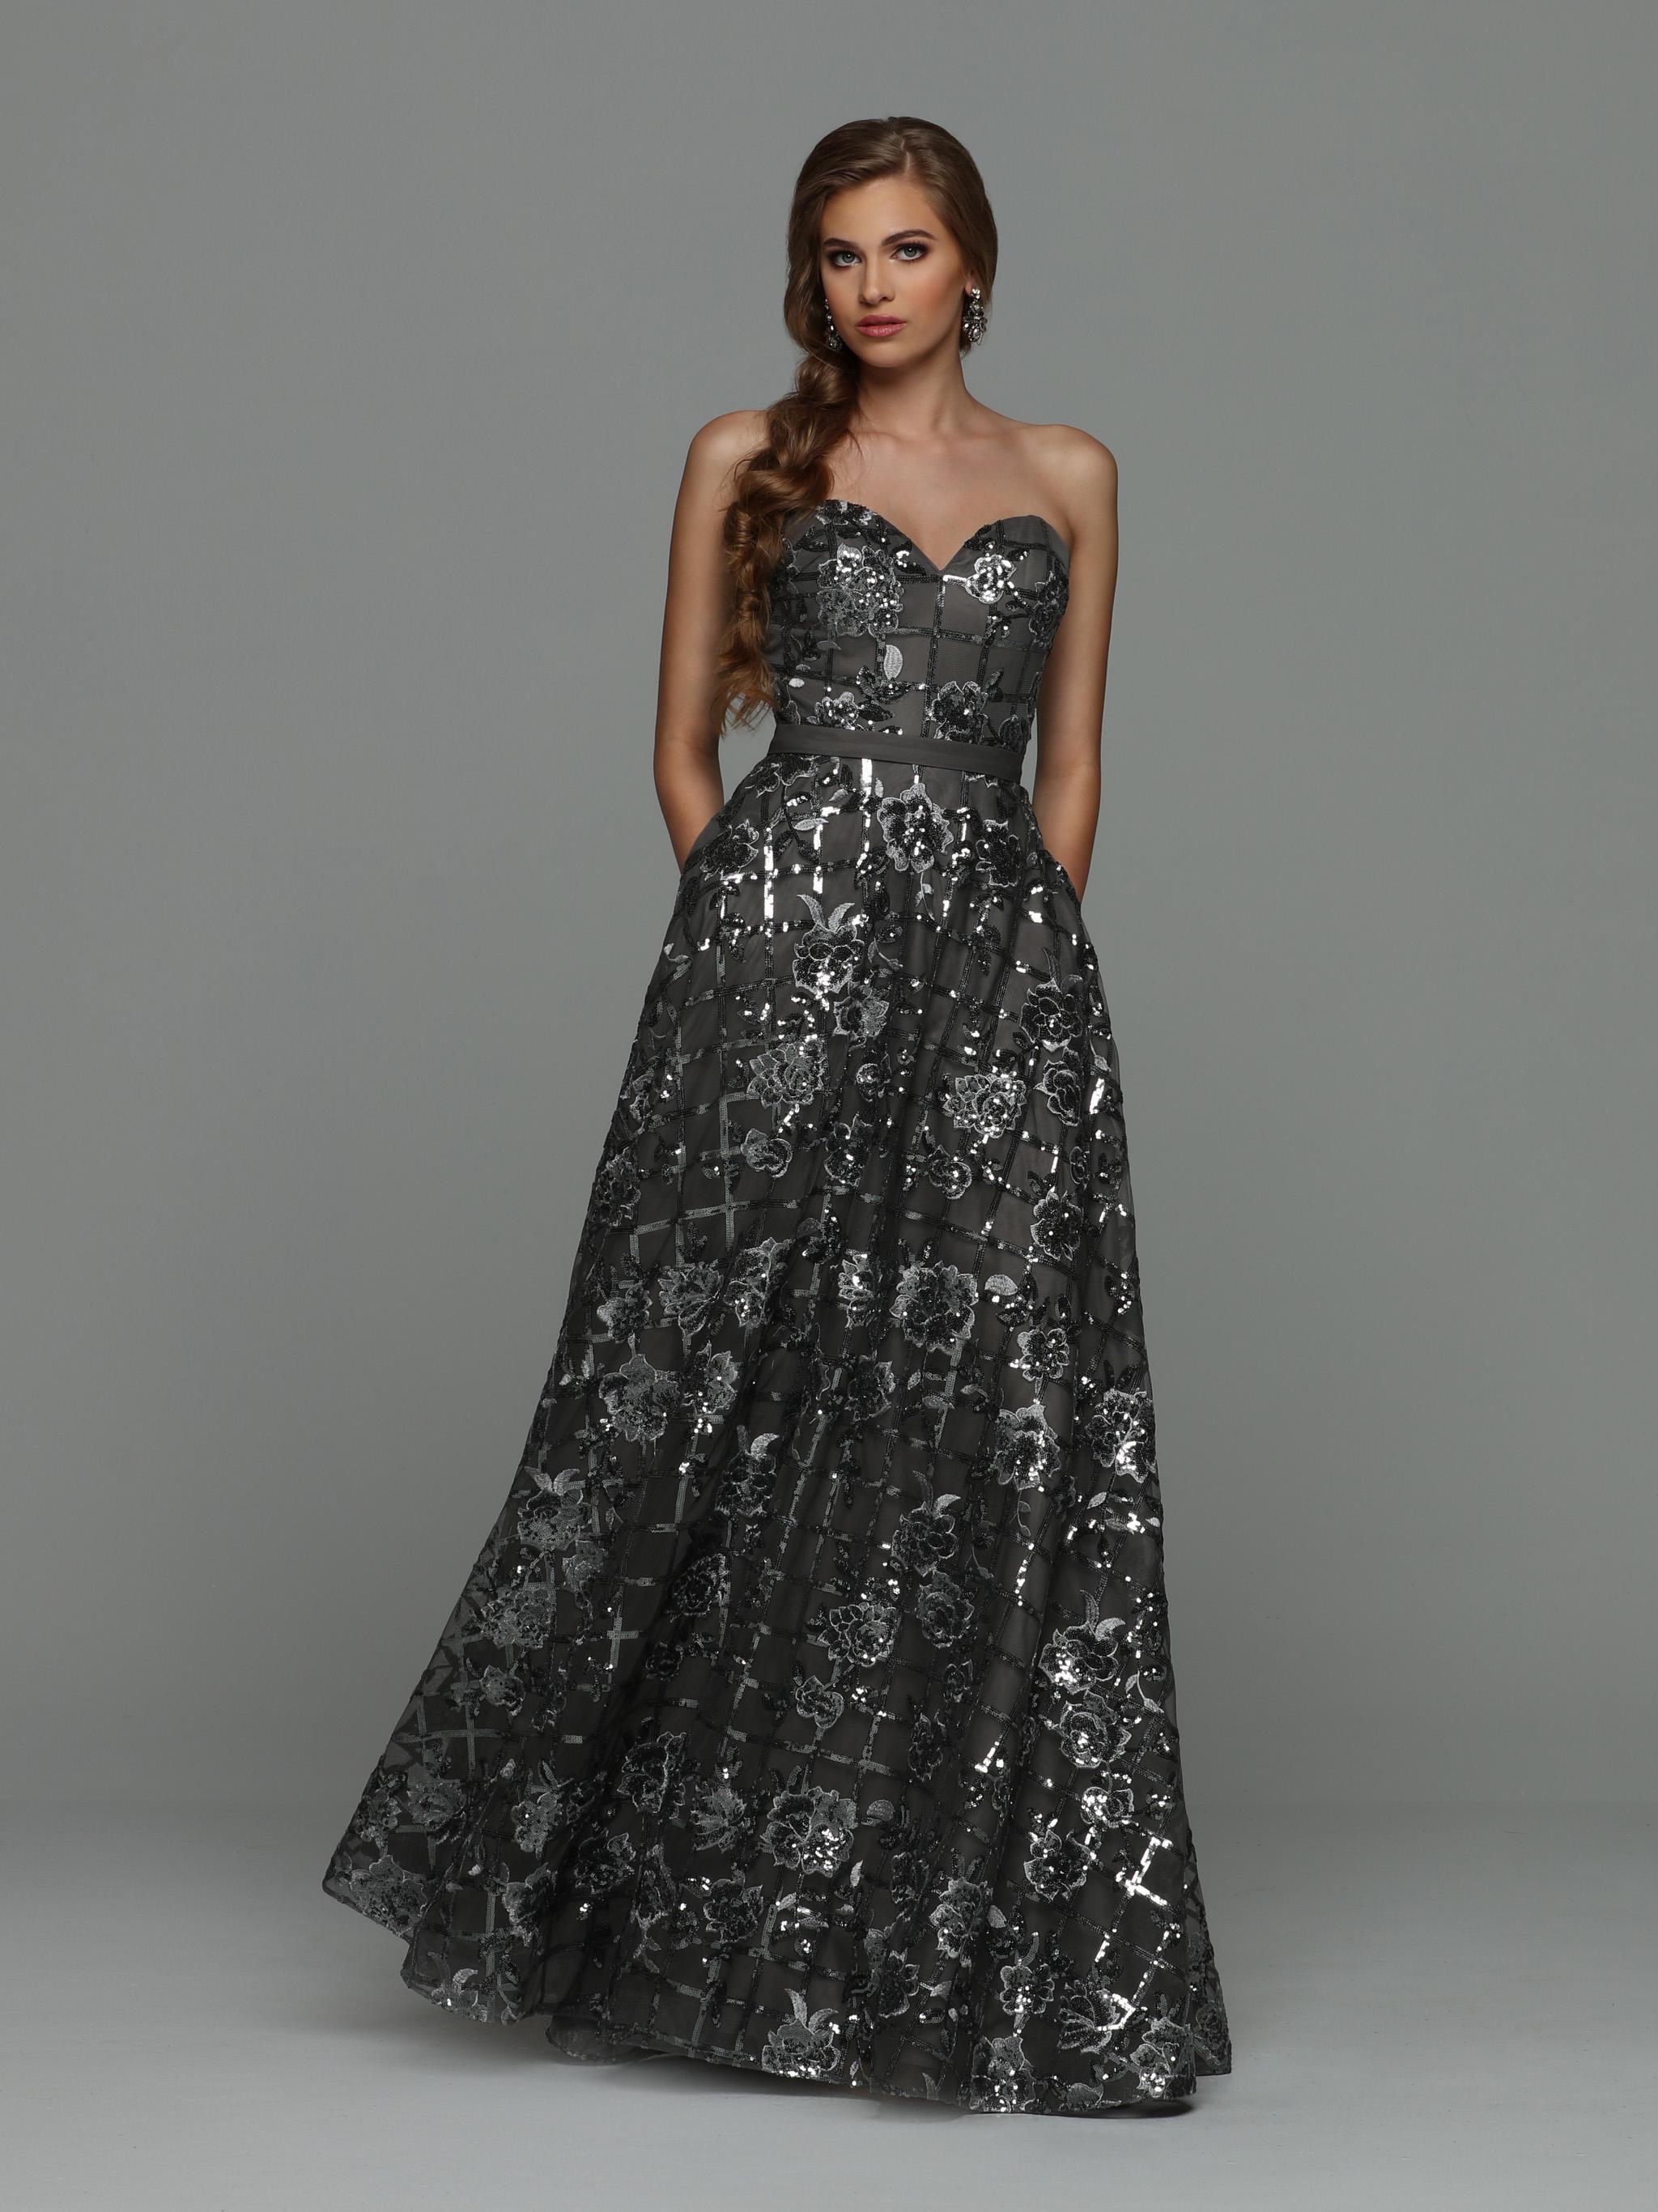 e96244e18e27 Top Prom Dress Trends 2019: Ball Gown Prom Dresses – Sparkle Prom Blog